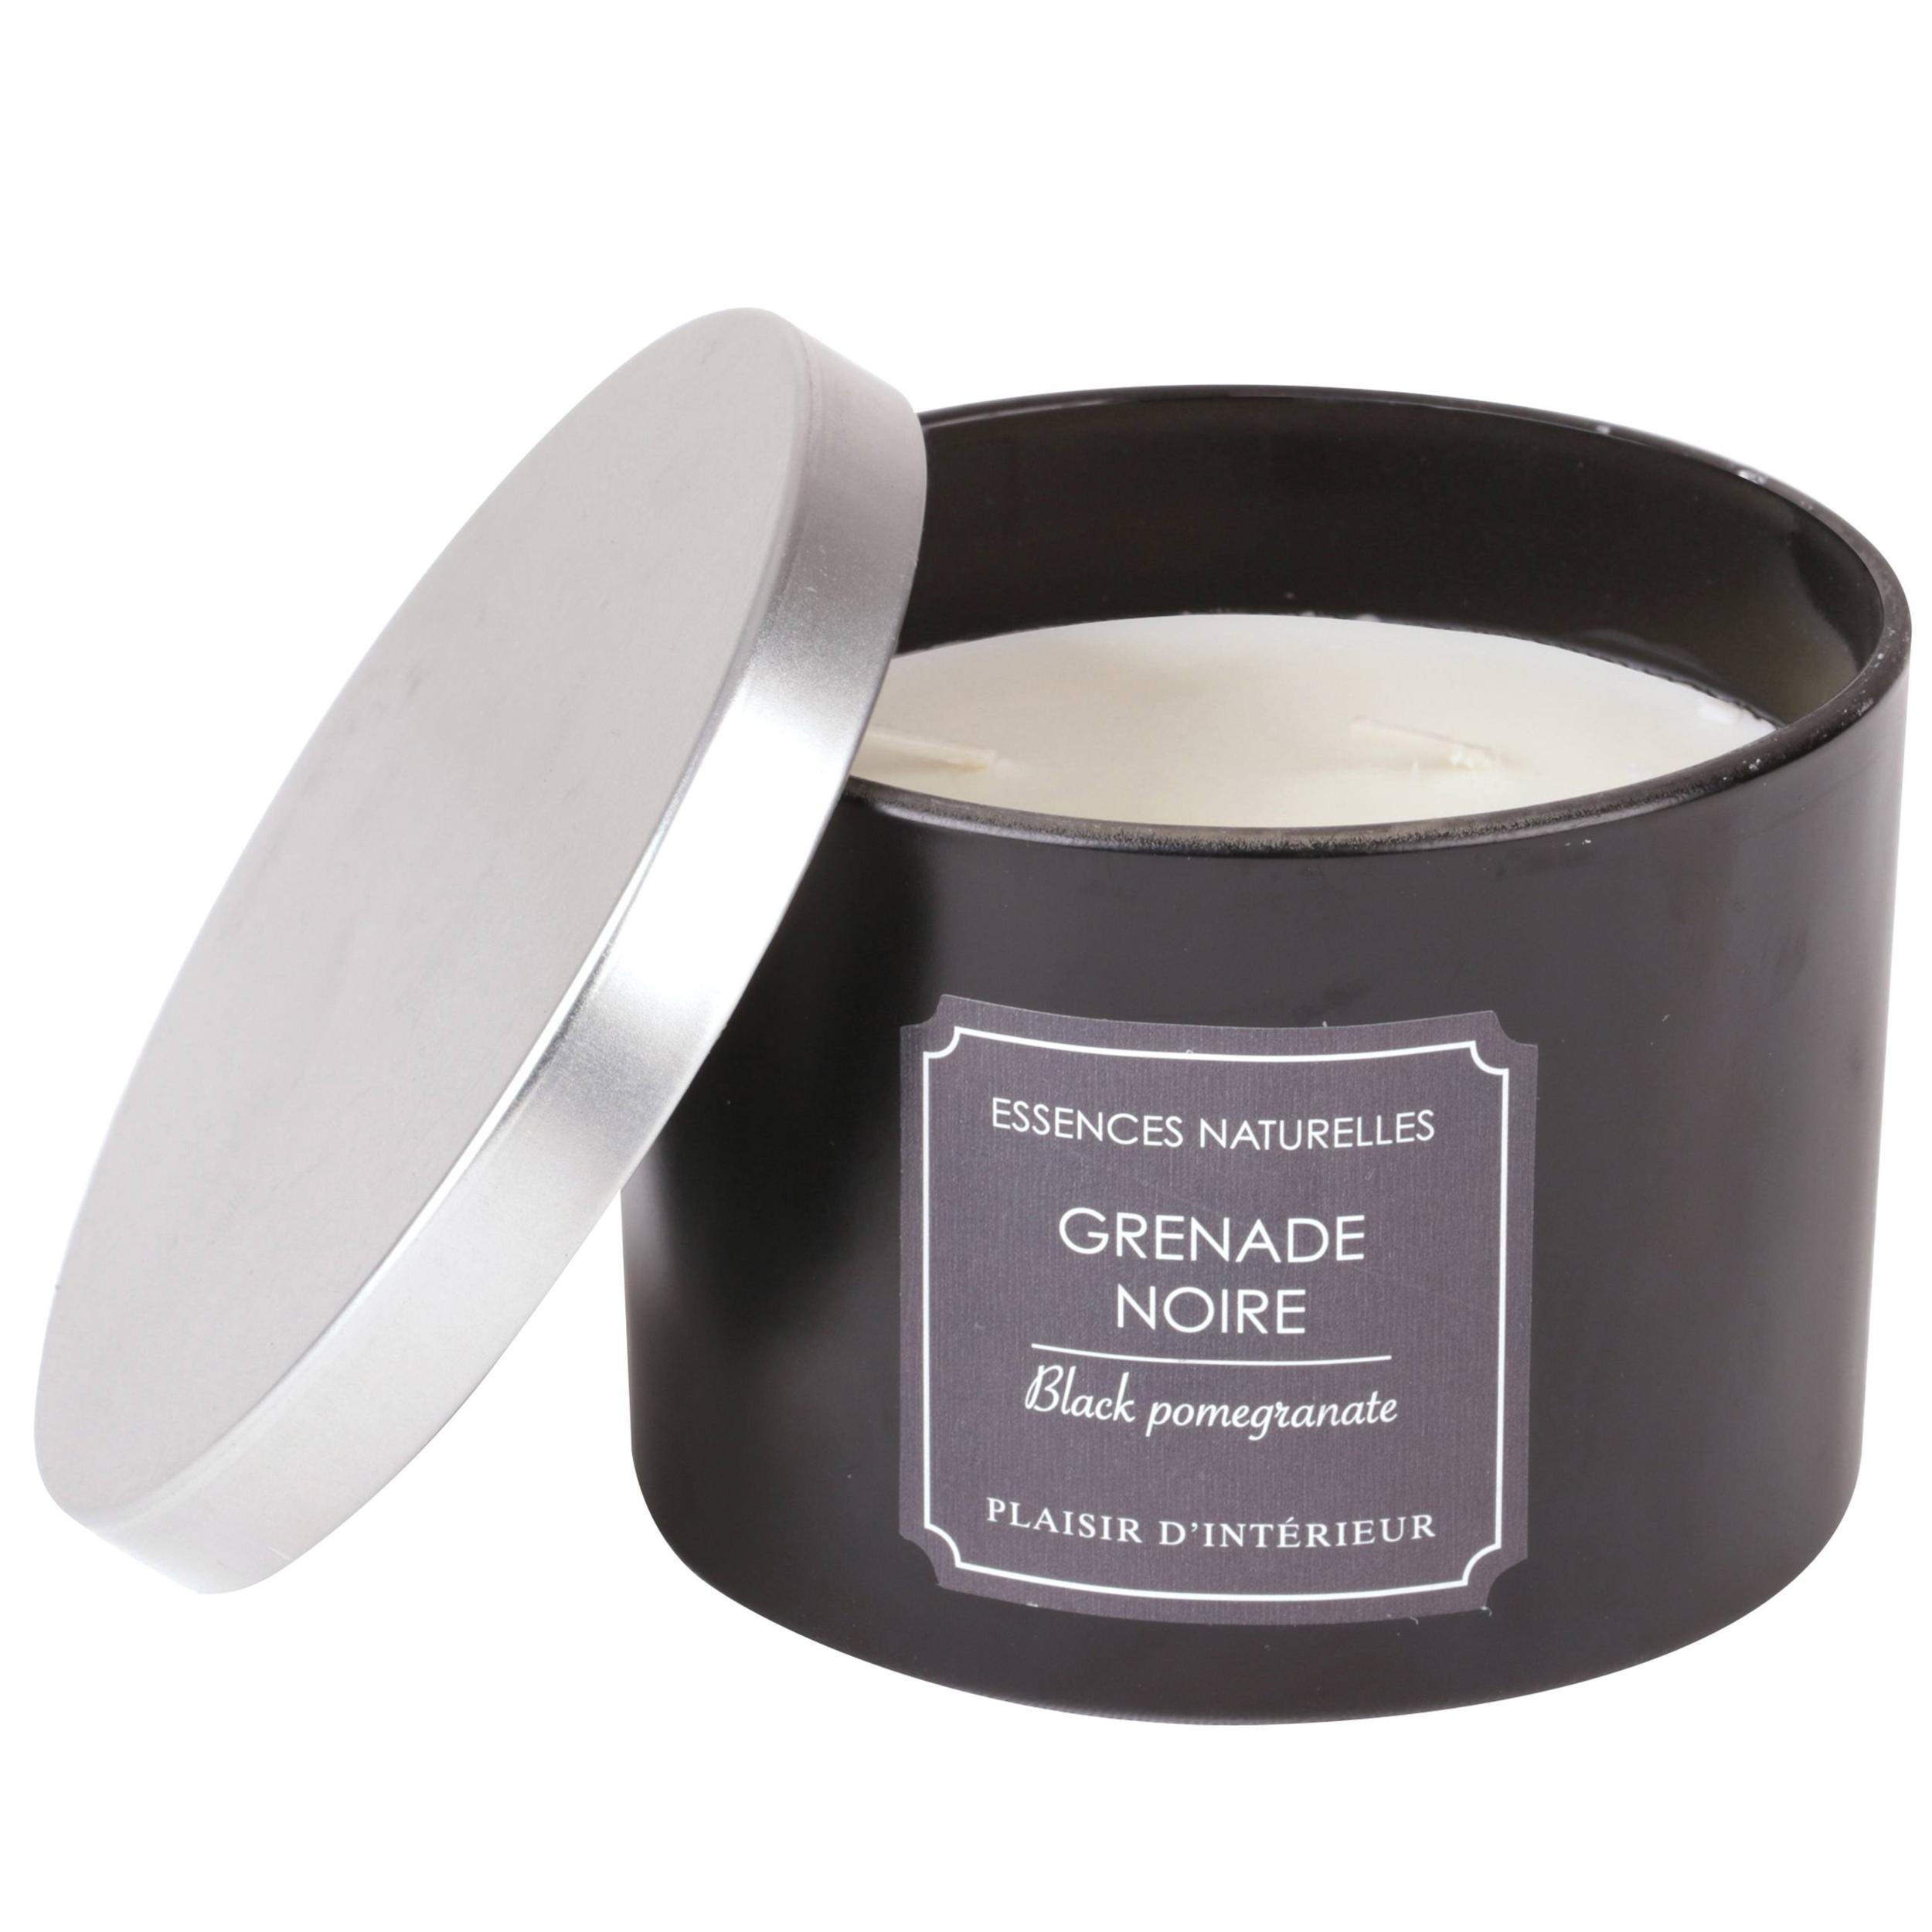 BOUGIE PARFUMEE GRENADE NOIRE (M)